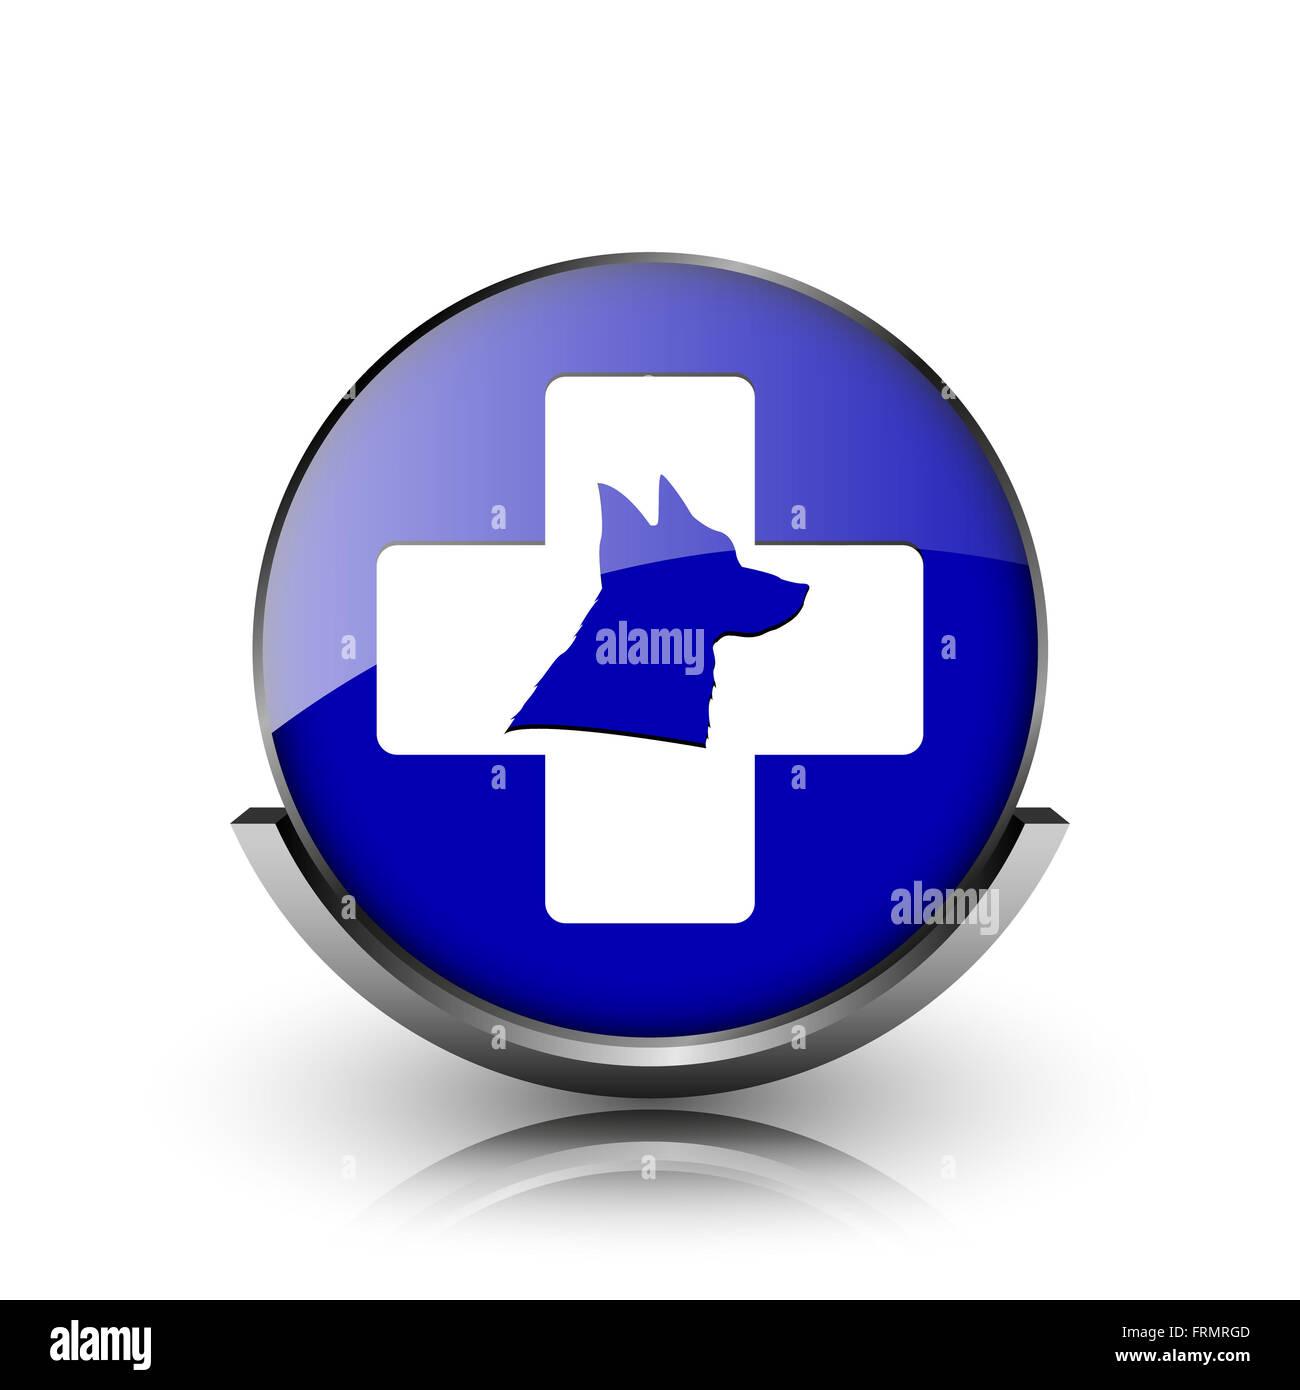 Blue shiny glossy icon on white background - Stock Image